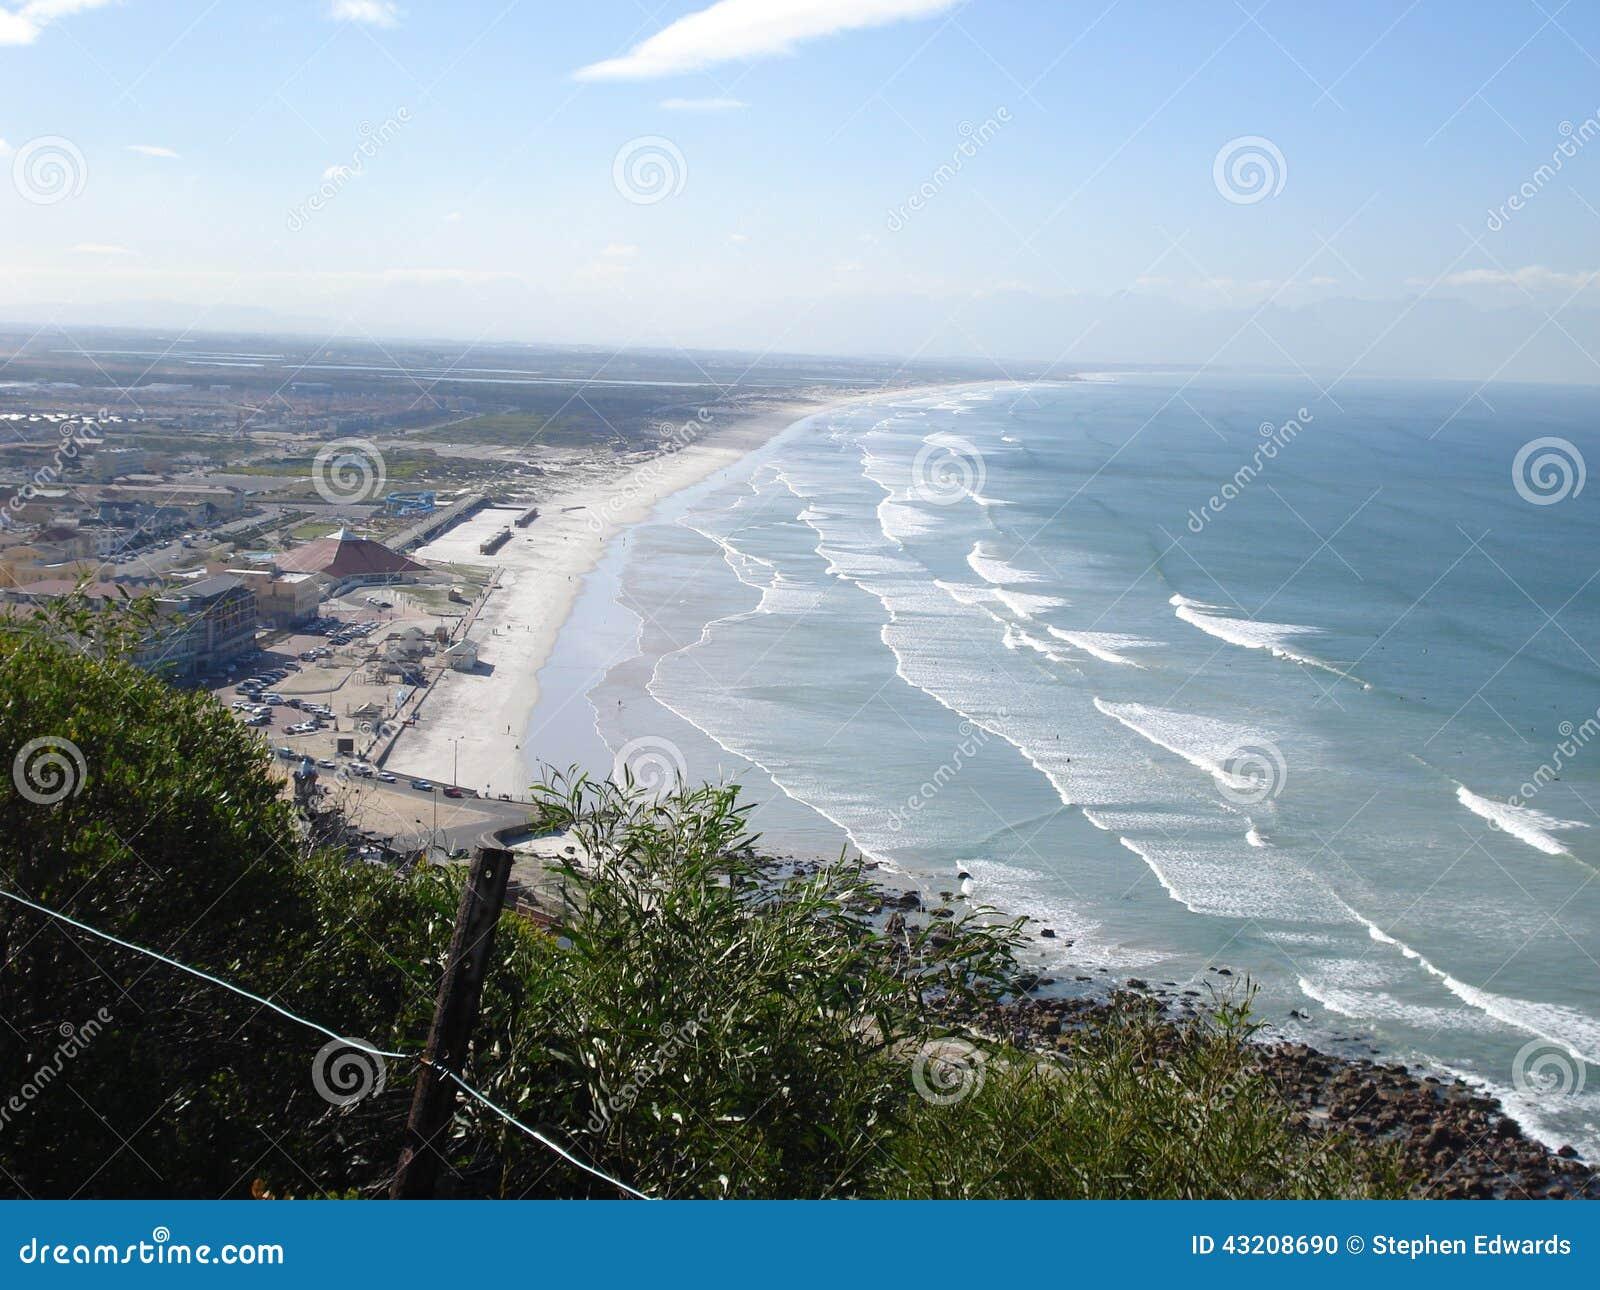 Download Södra - afrikanvågor arkivfoto. Bild av egenskap, utomhus - 43208690